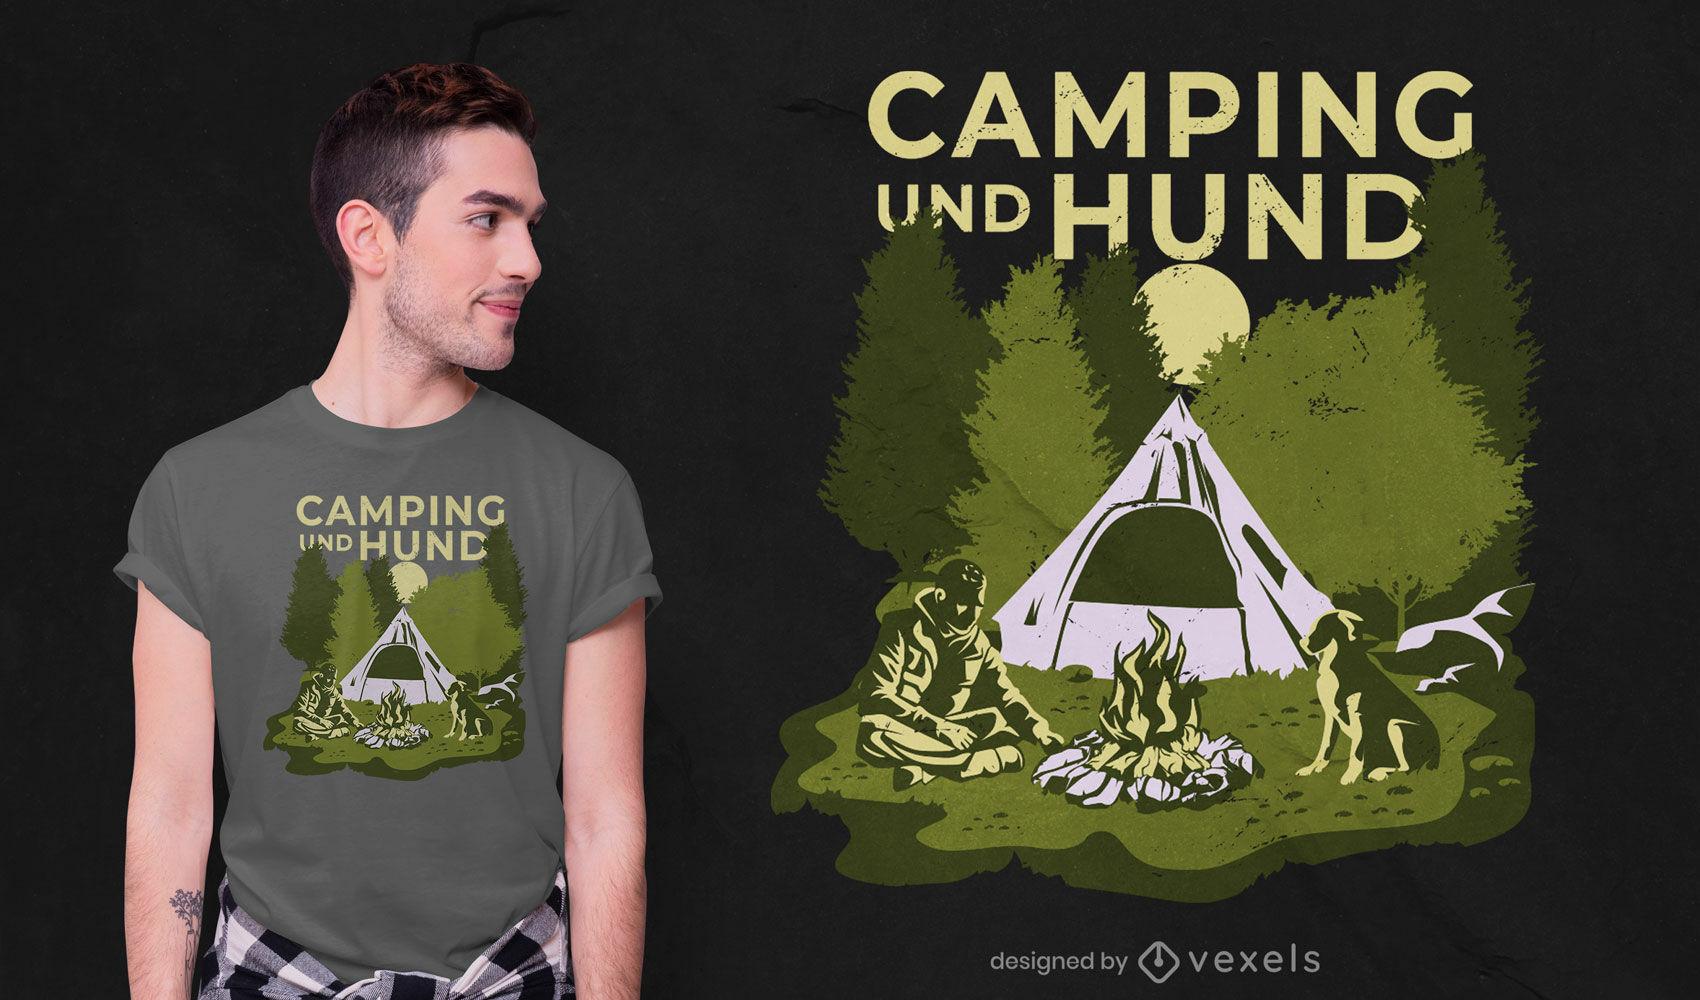 Mann und Hund im Naturcamping-T-Shirt-Design